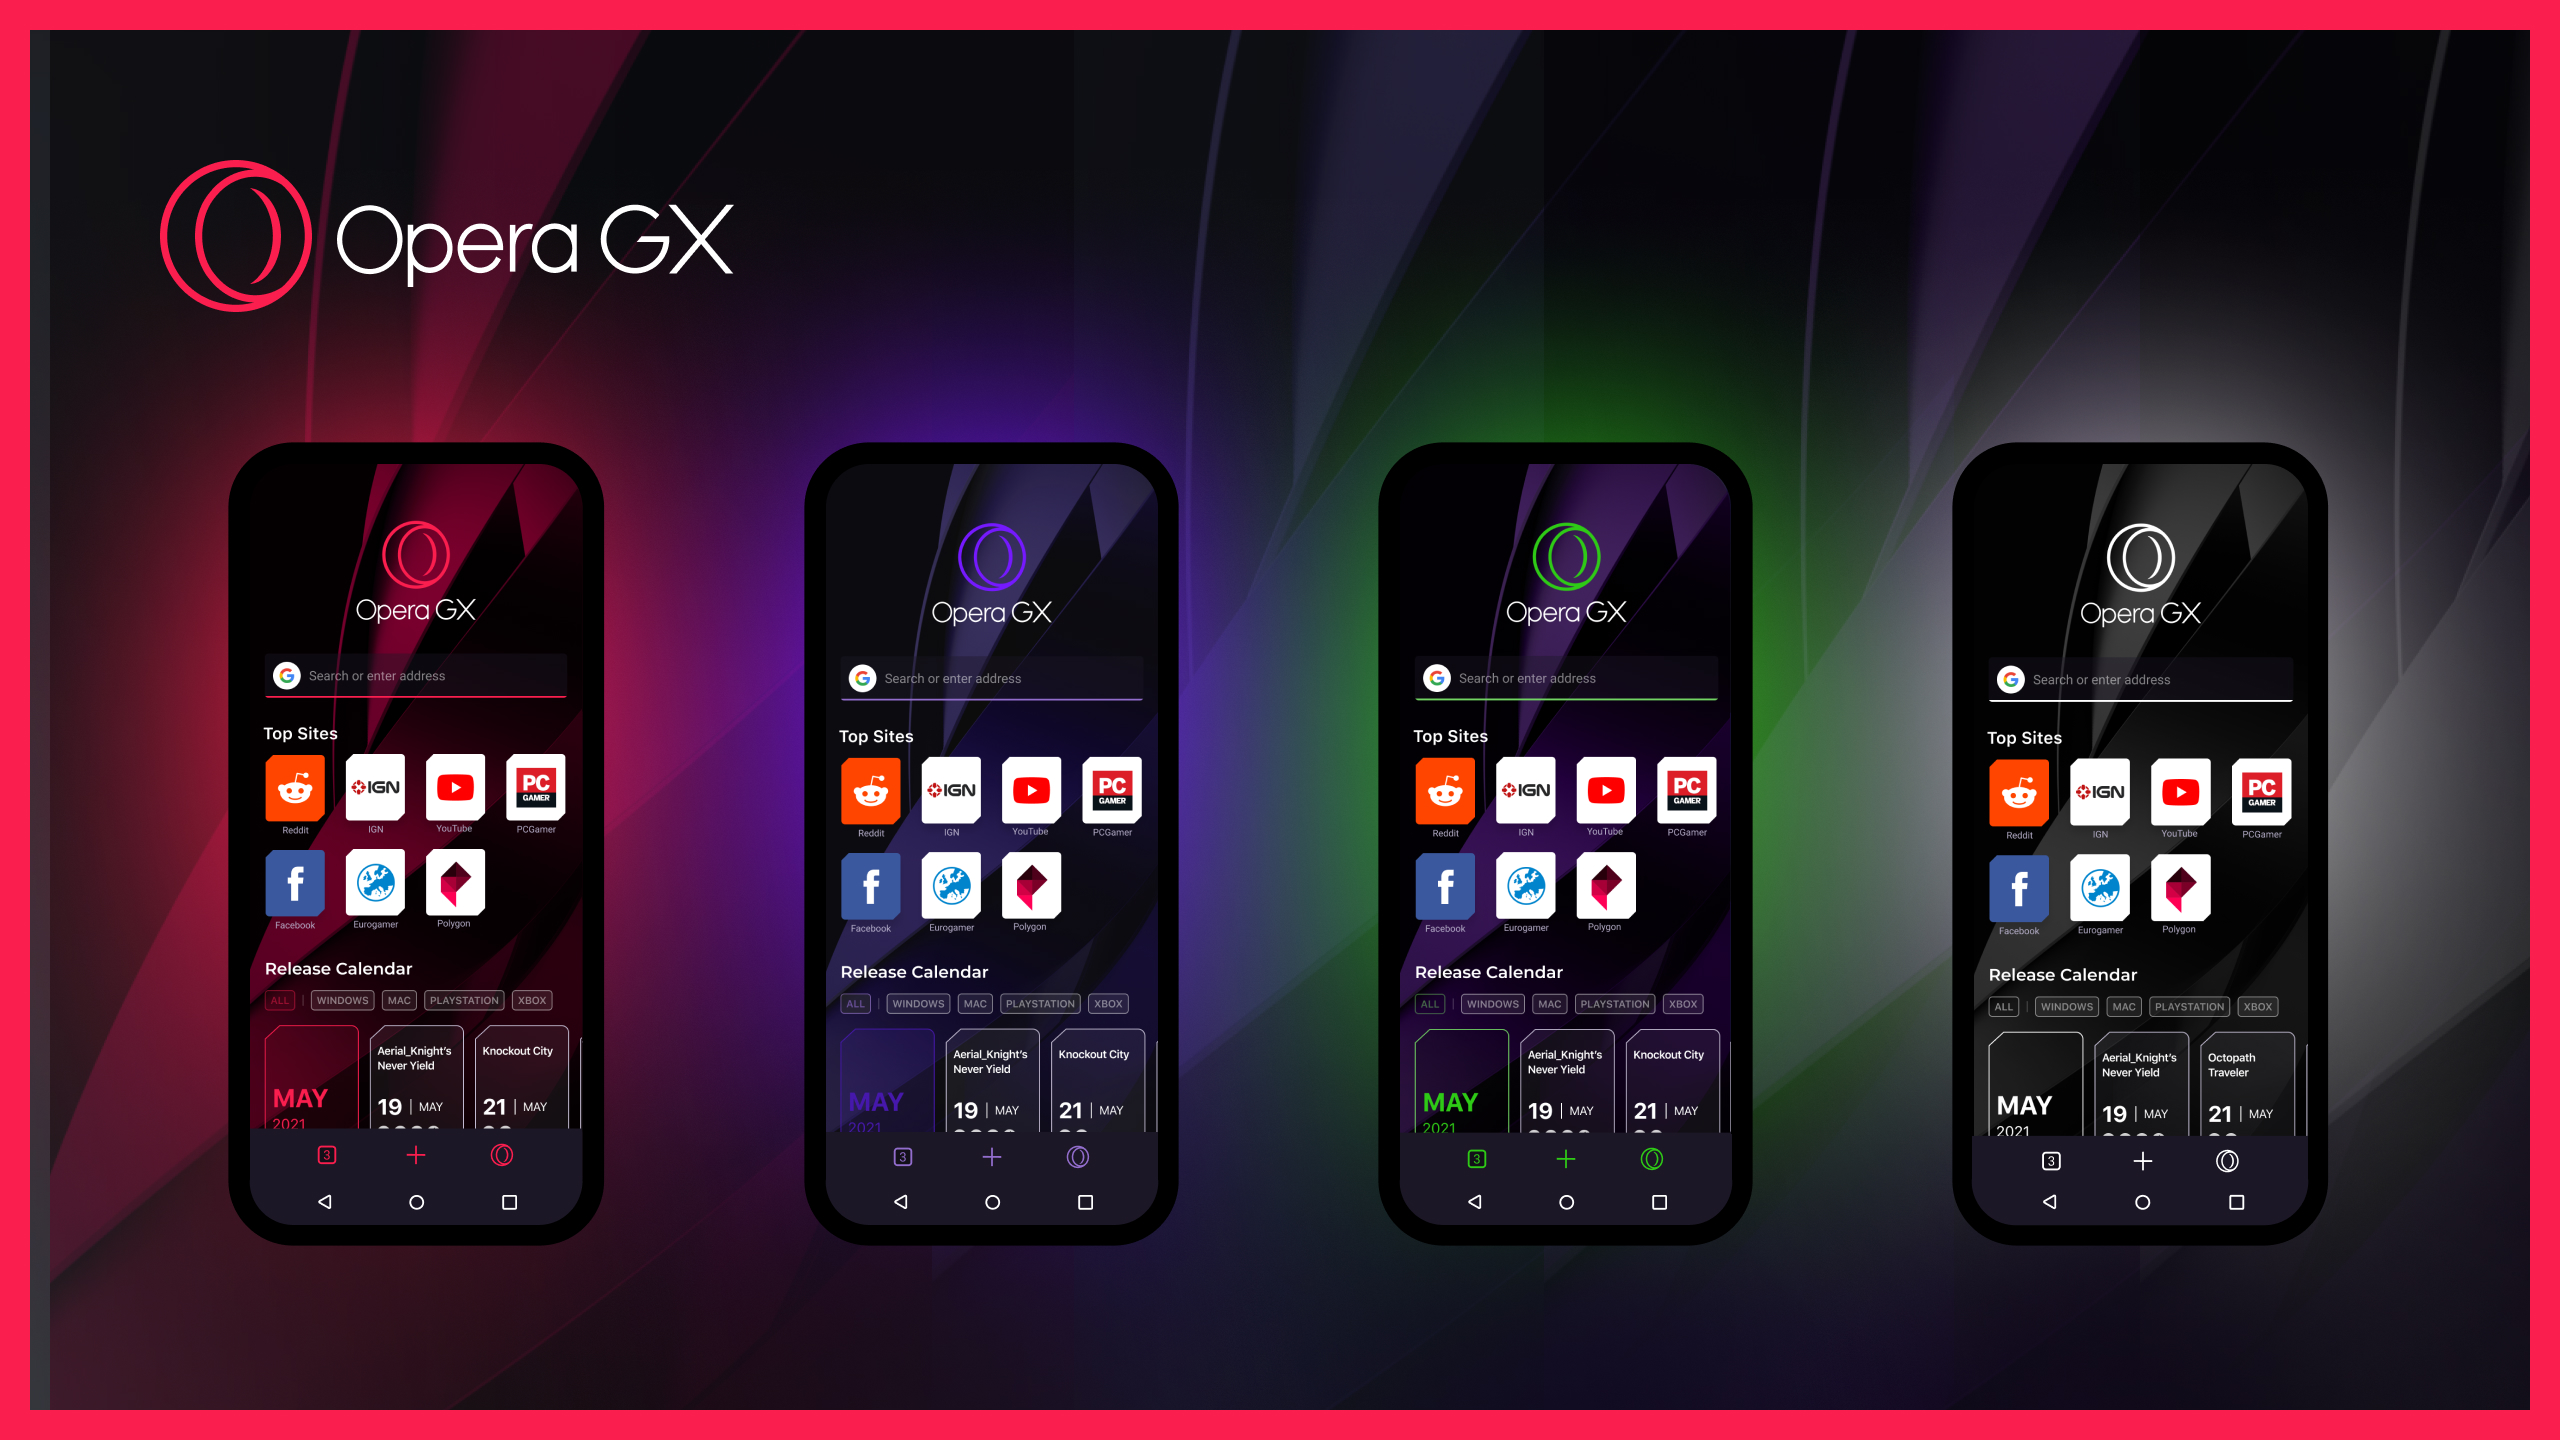 opera-gx-um-navegador-para-jogadores-agora-disponivel-em-dispositivos-moveis